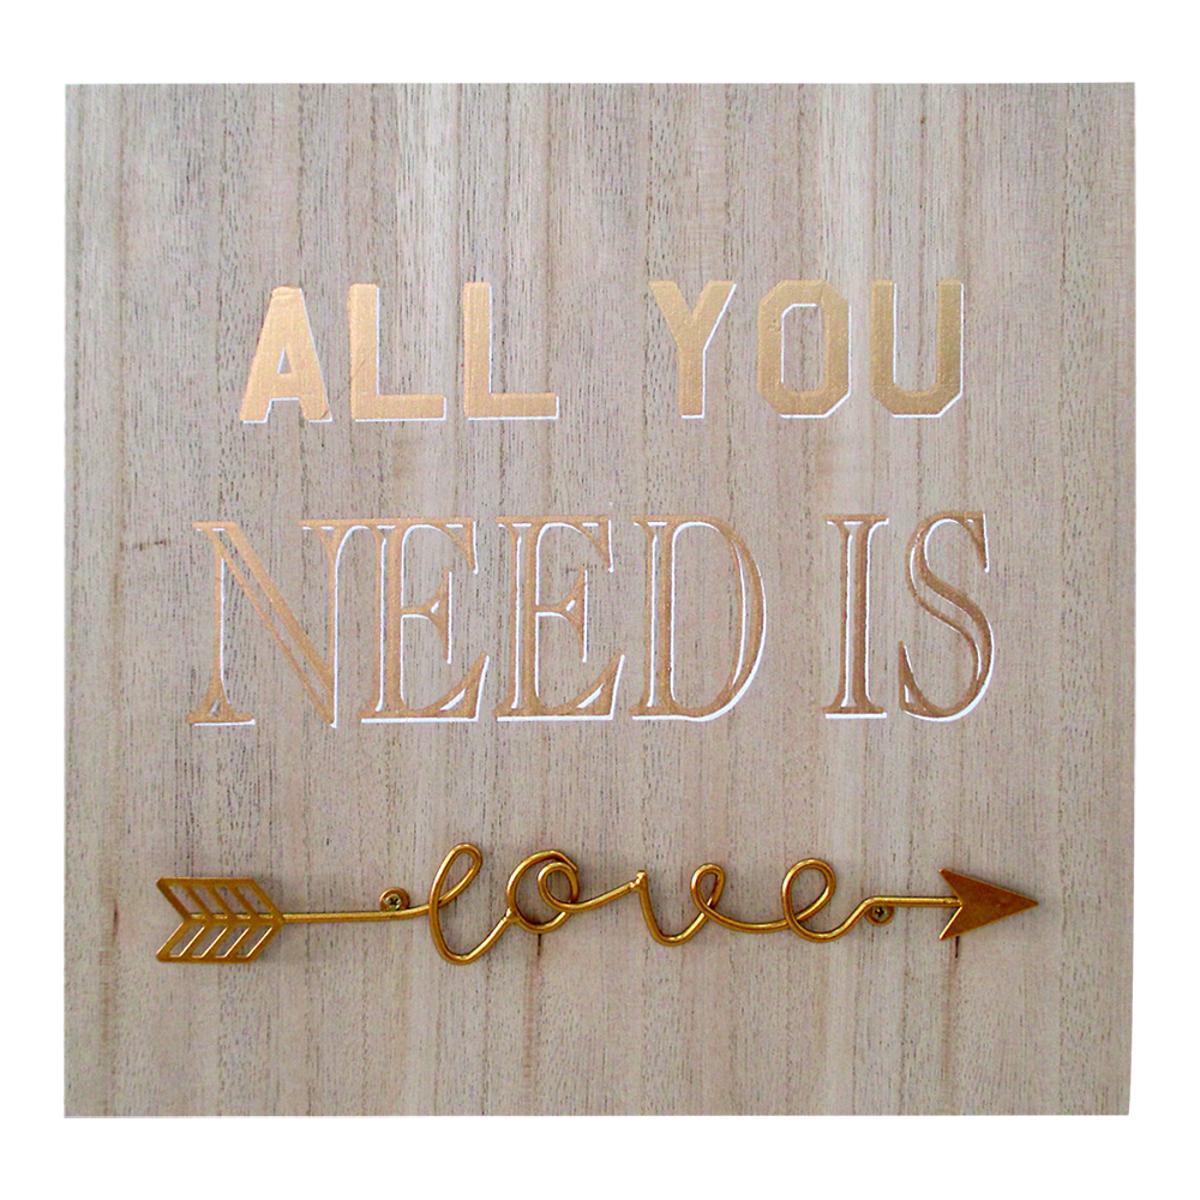 All You Need Is Love - Quadro Alto Relevo